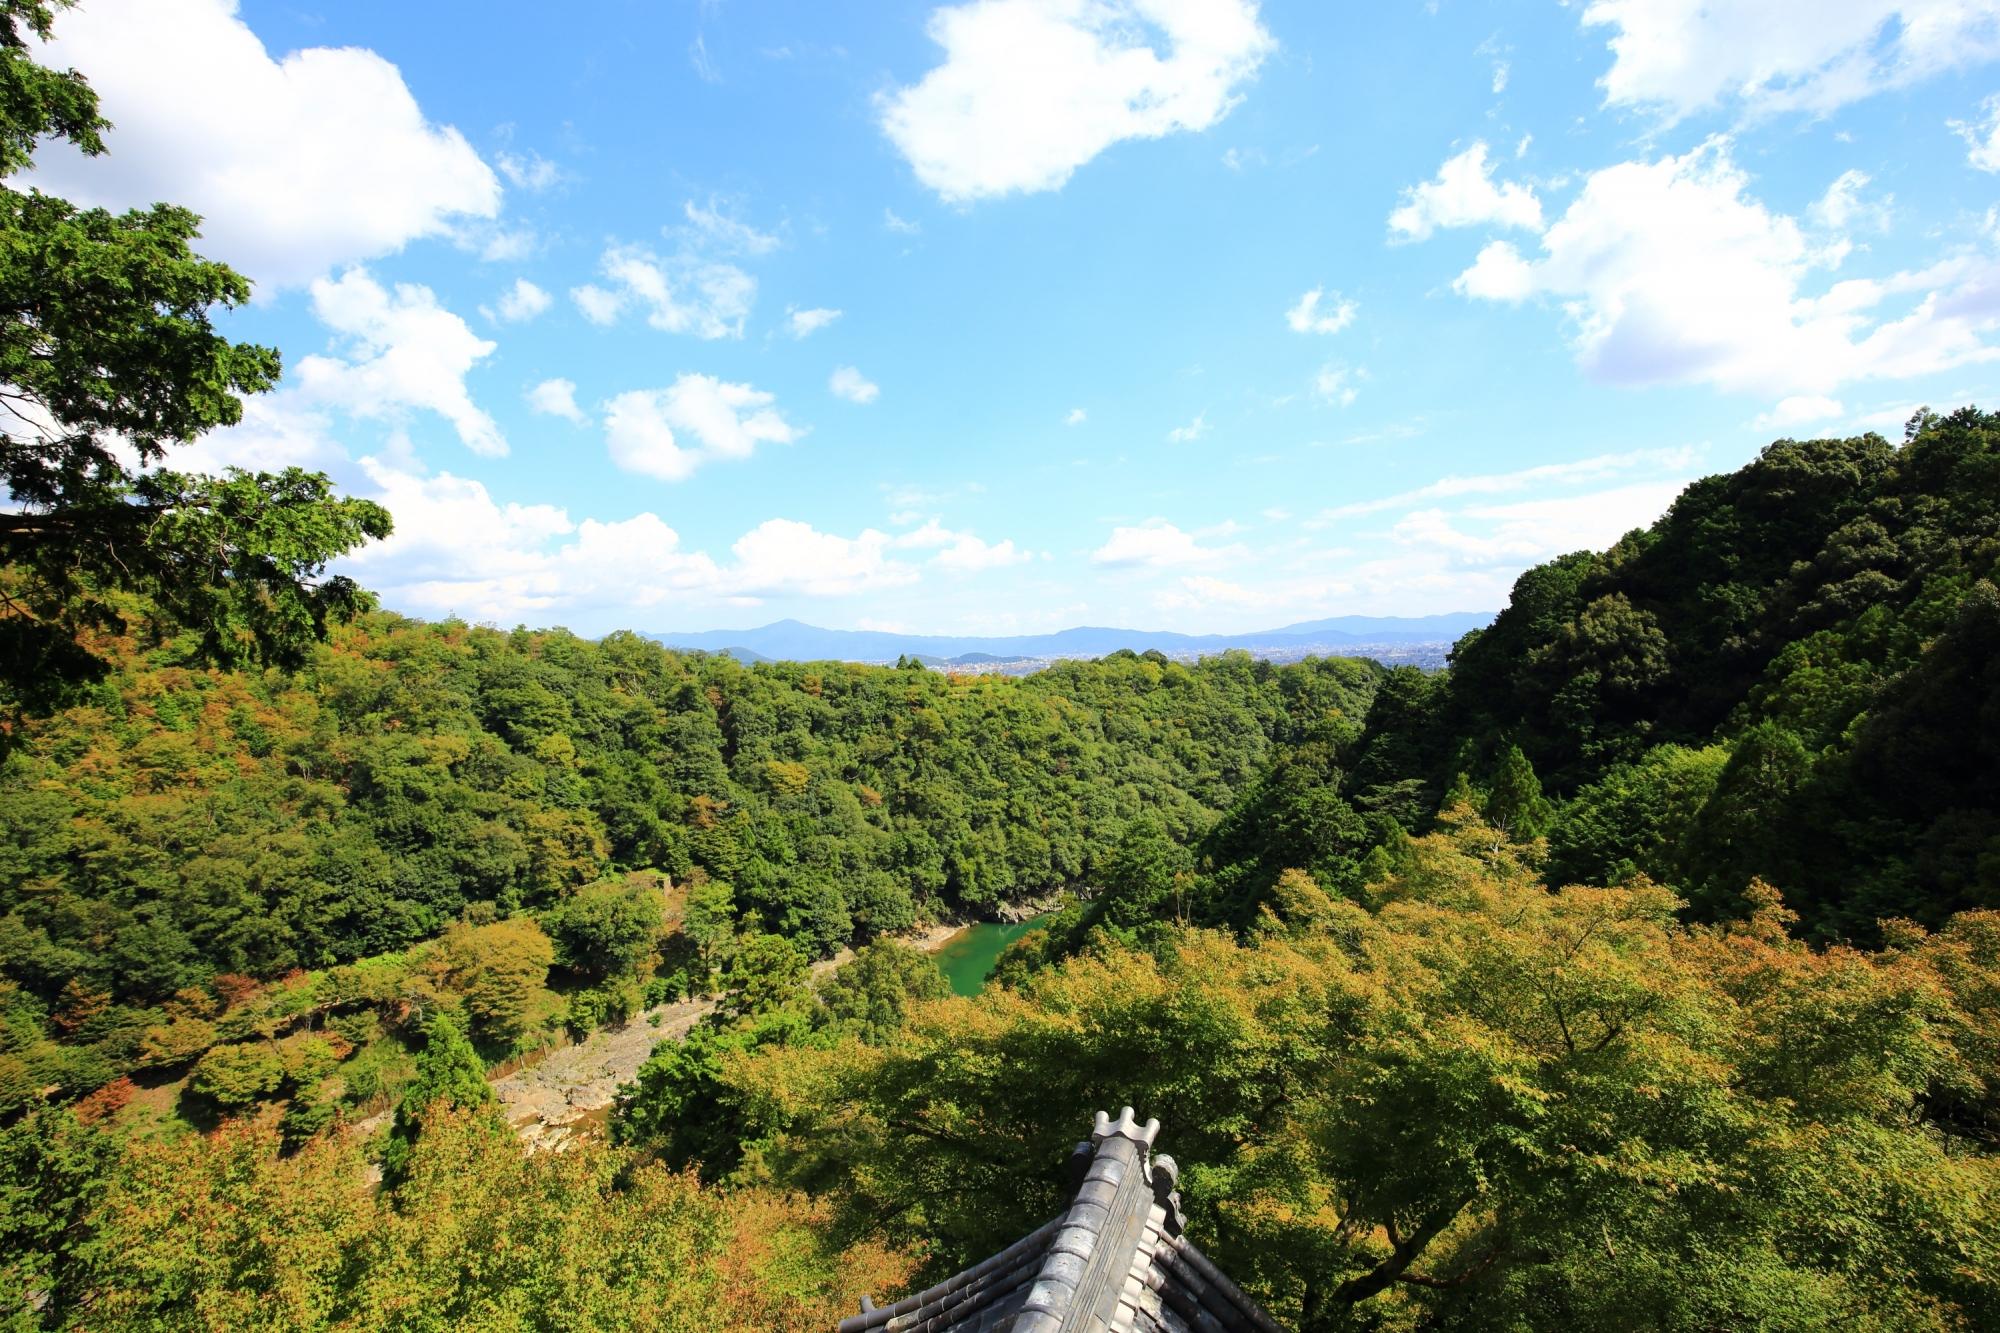 嵐山の秘境の大悲閣 千光寺から眺める絶景の緑と空